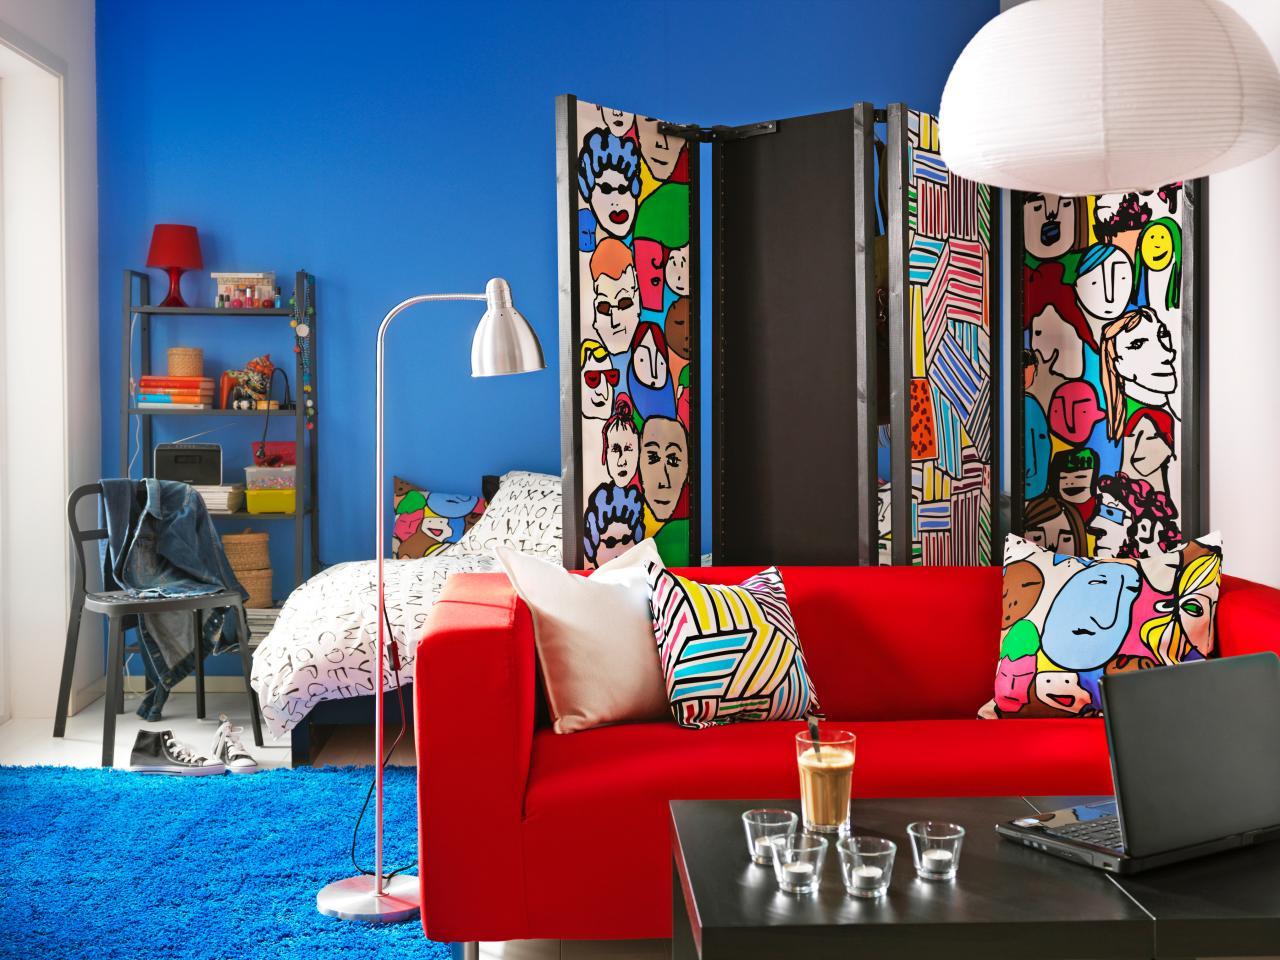 炫彩北欧异域风情 小客厅屏风效果图